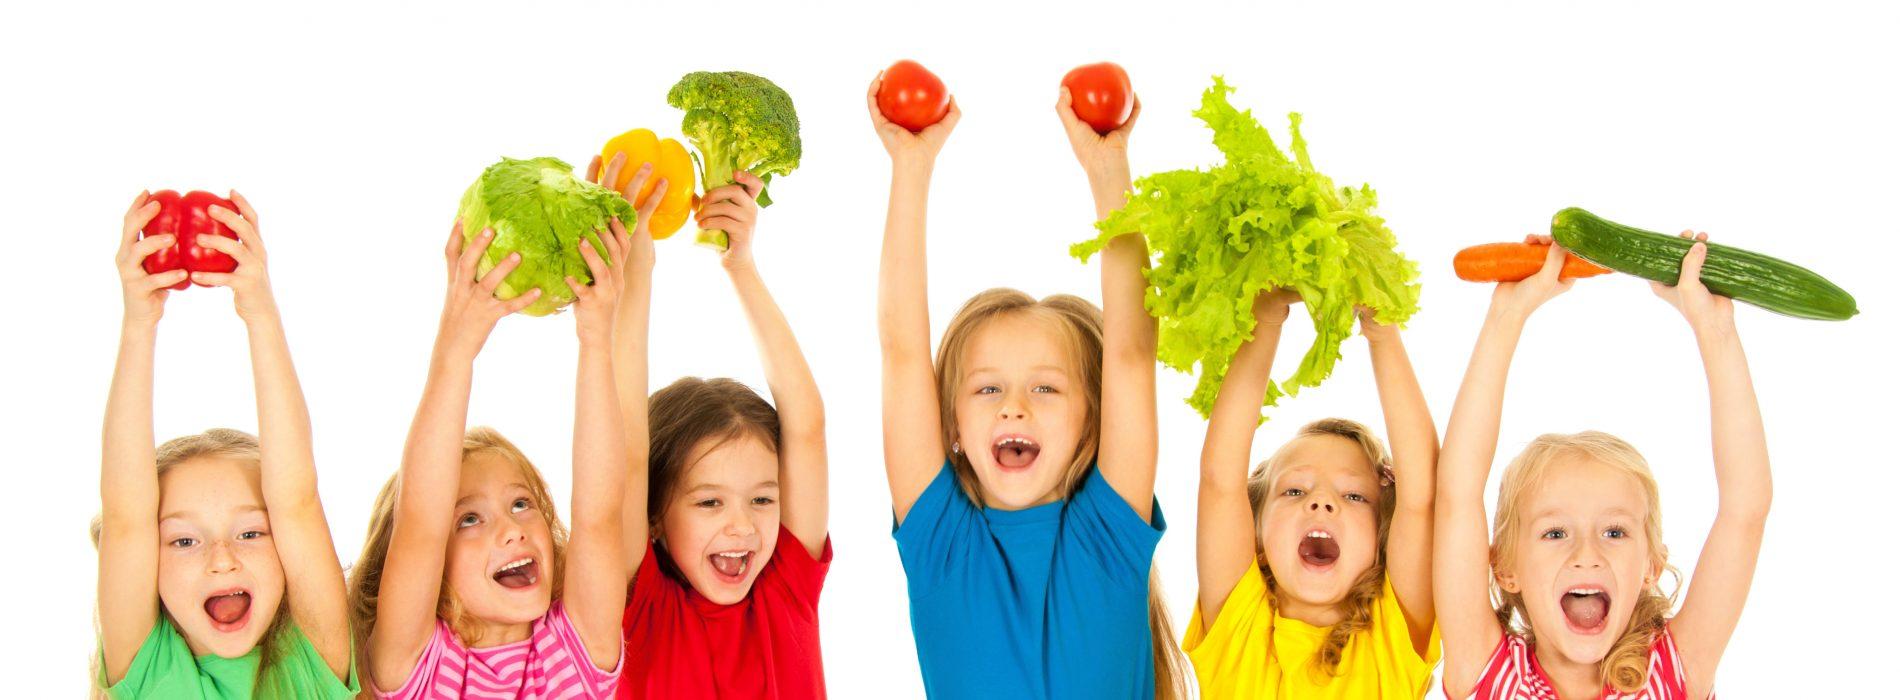 Uzmanlardan yeni uyarı: Test sonucu pozitif olanlar bunları yesin!